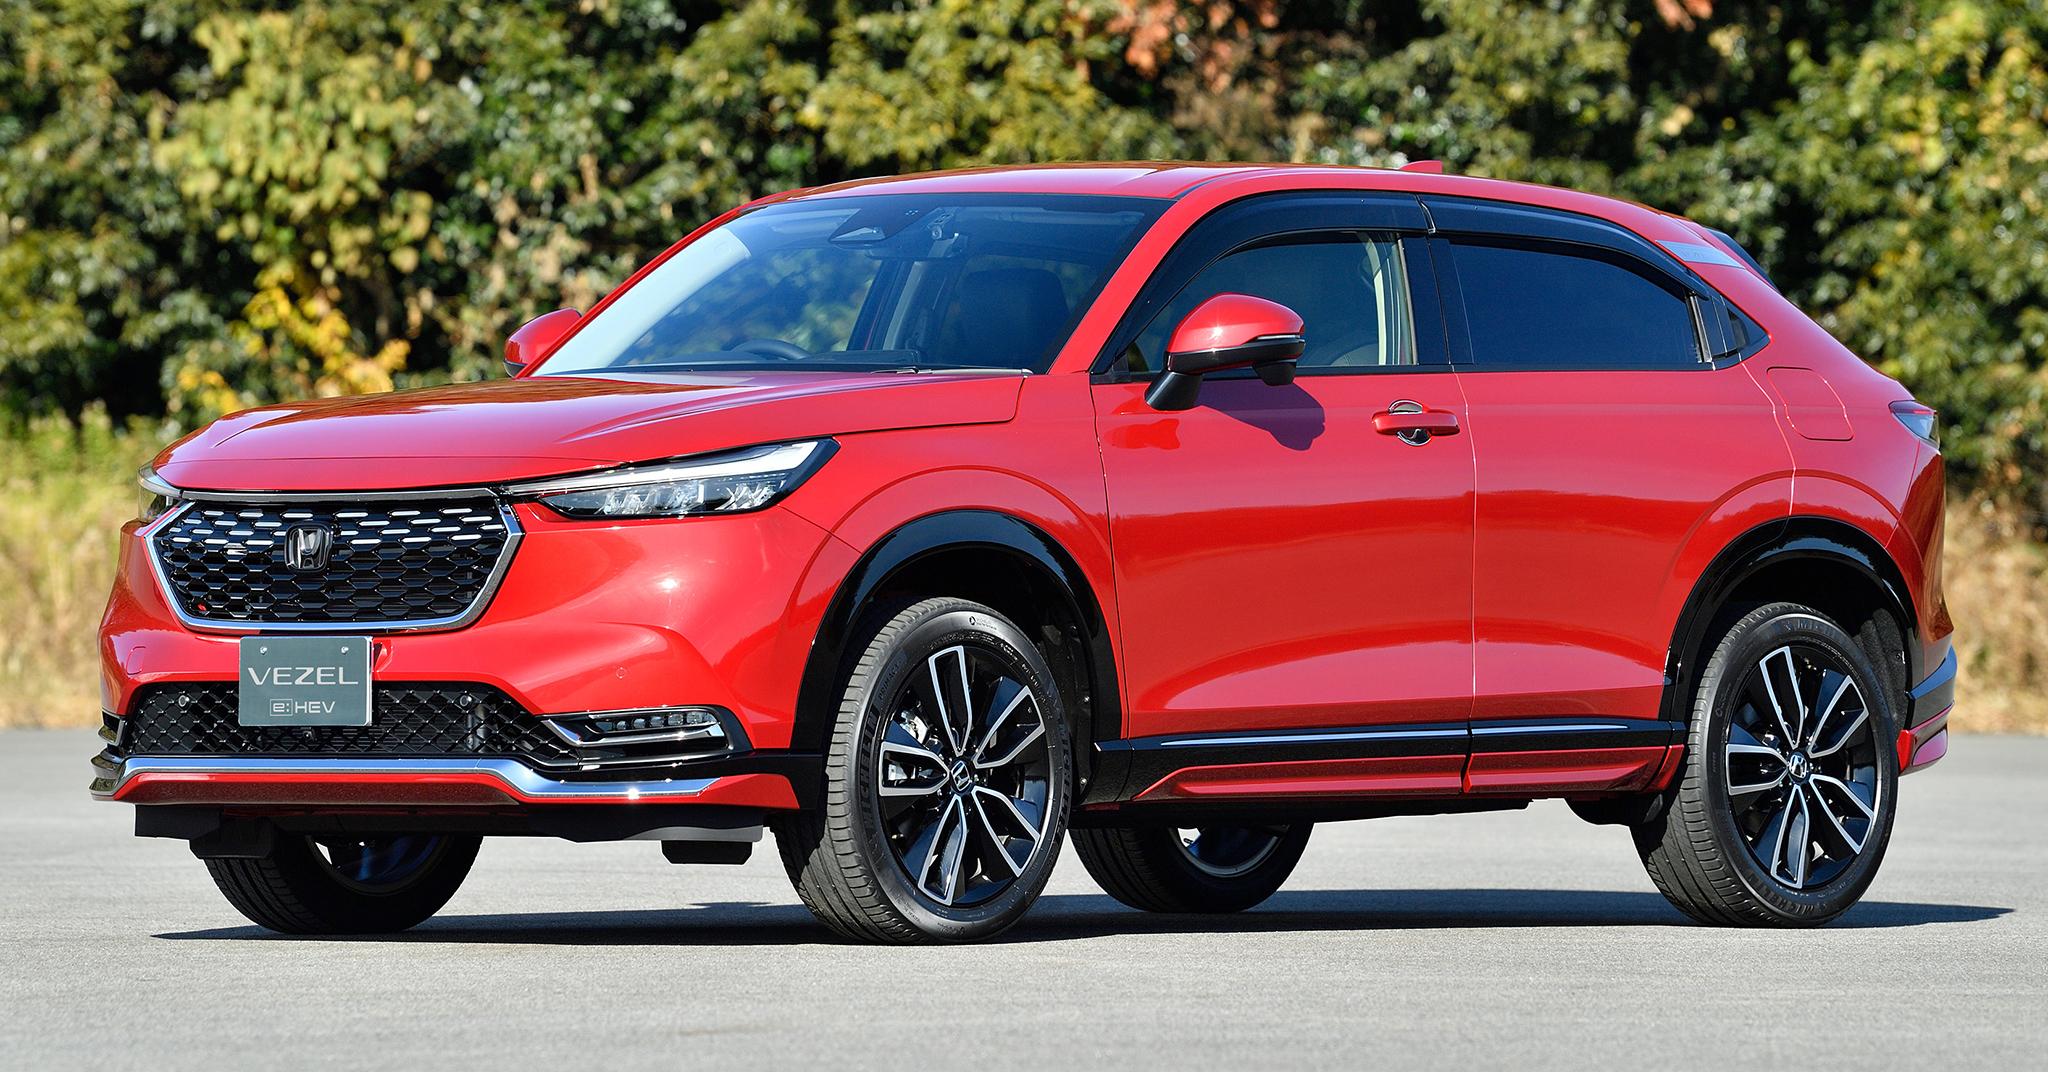 Honda HR-V 2022 ấn tượng hơn với phong cách Urban và Casual honda-hrv-2022-2.jpg